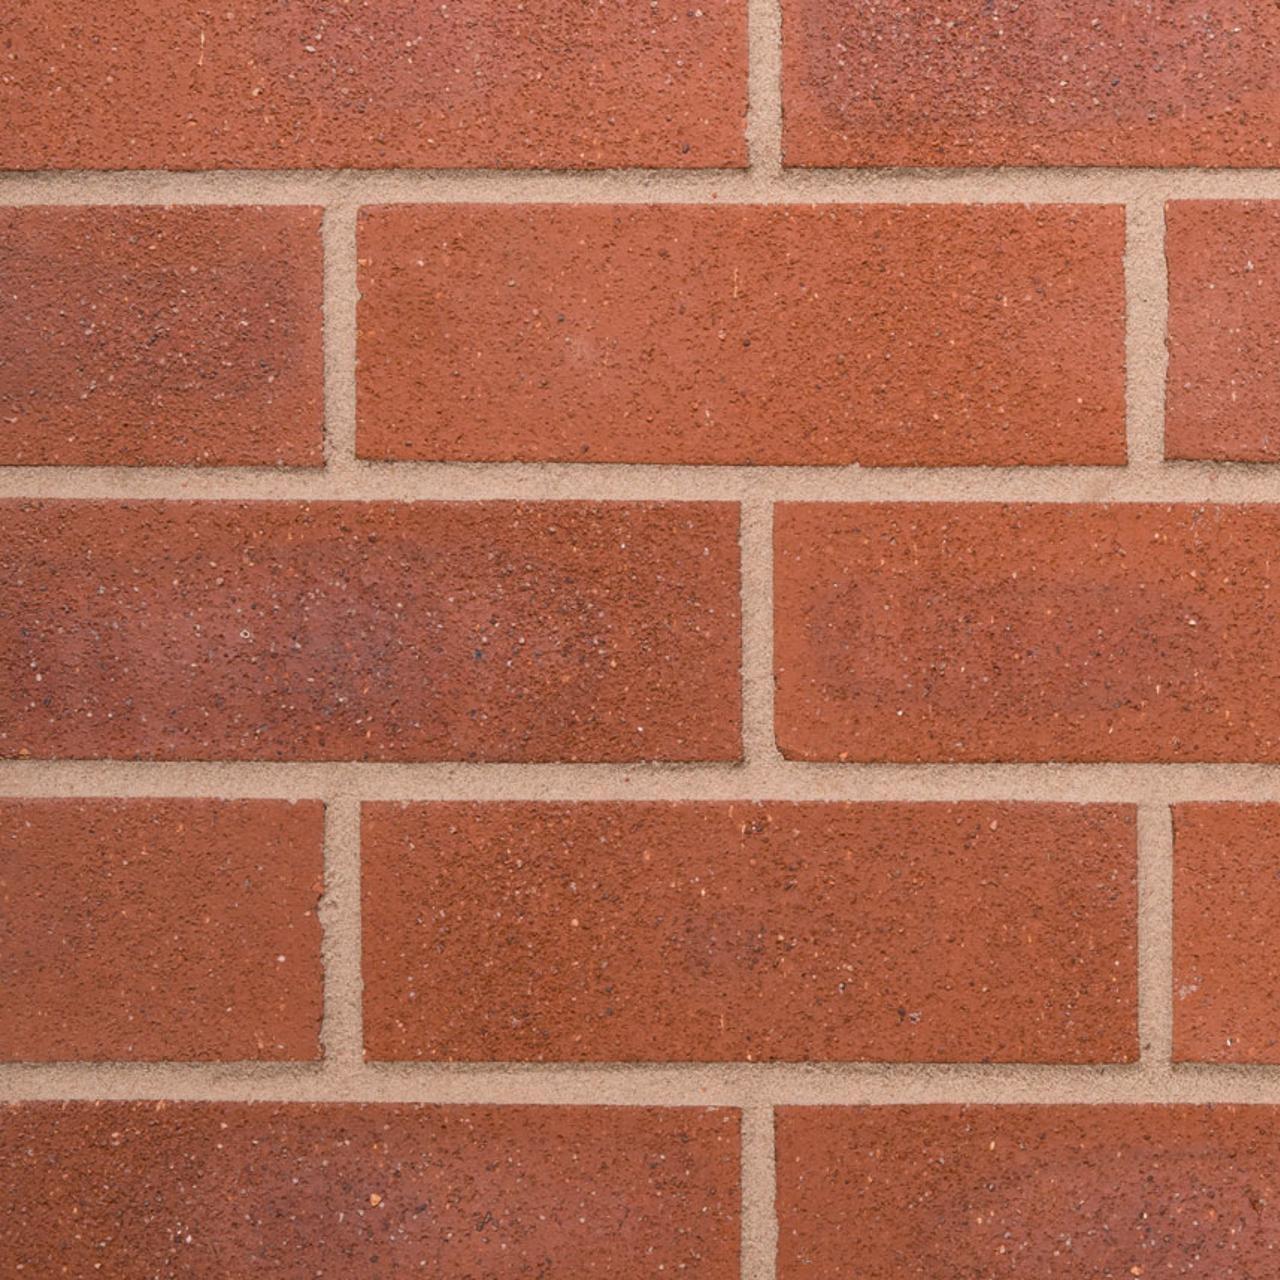 Wienerberger Mulcol Brick 73mm